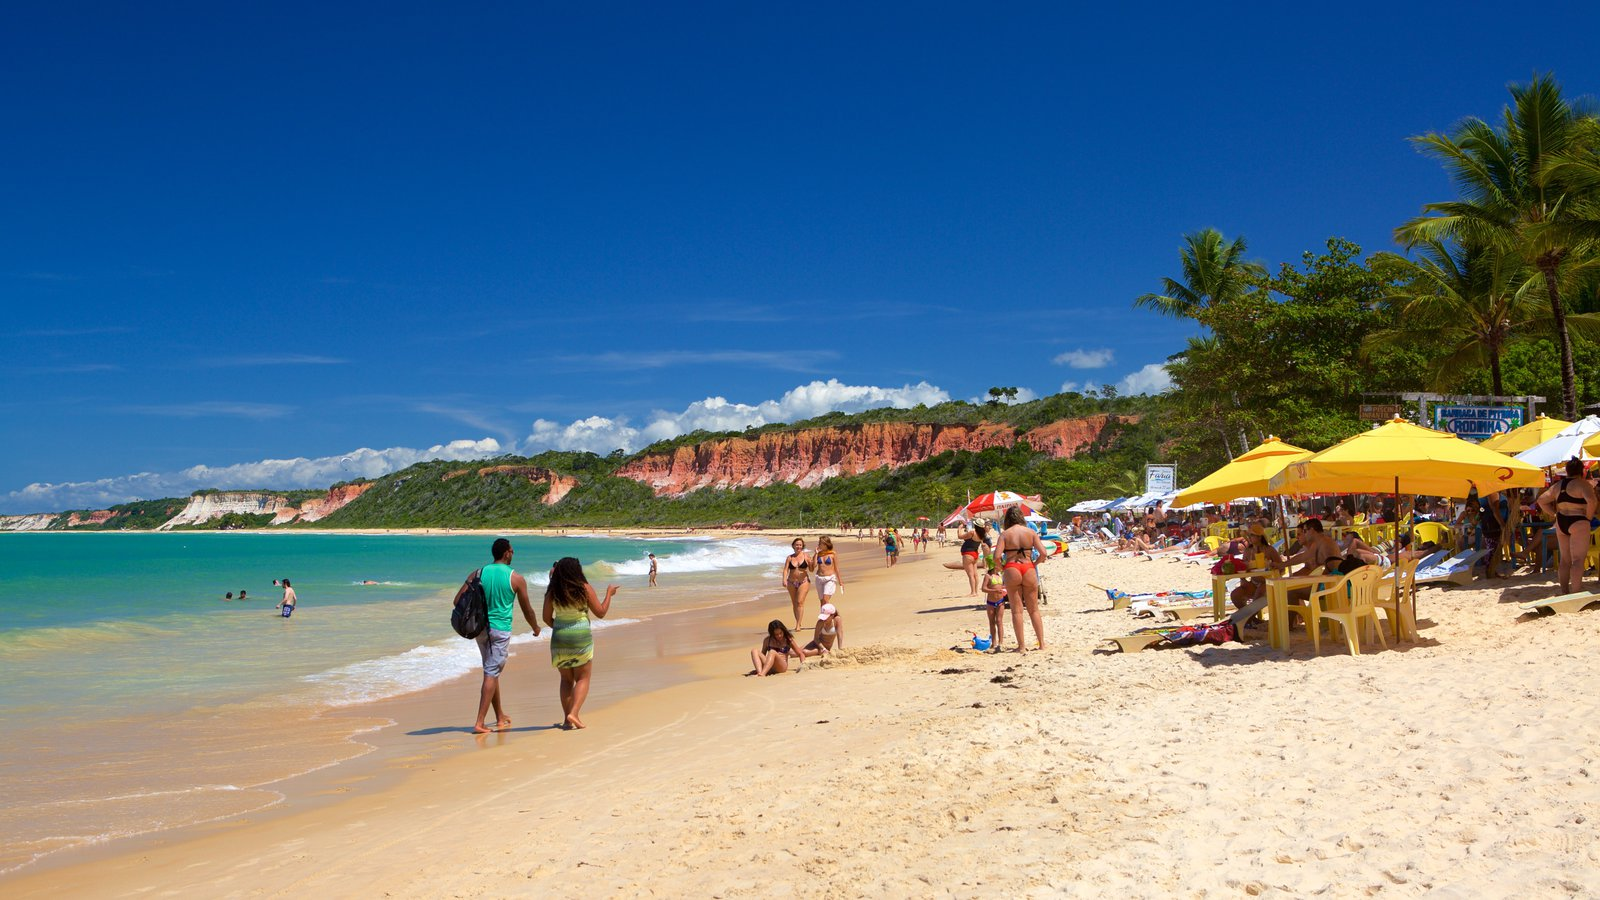 Praia de Pitinga que inclui cenas tropicais, uma praia de areia e paisagens litorâneas